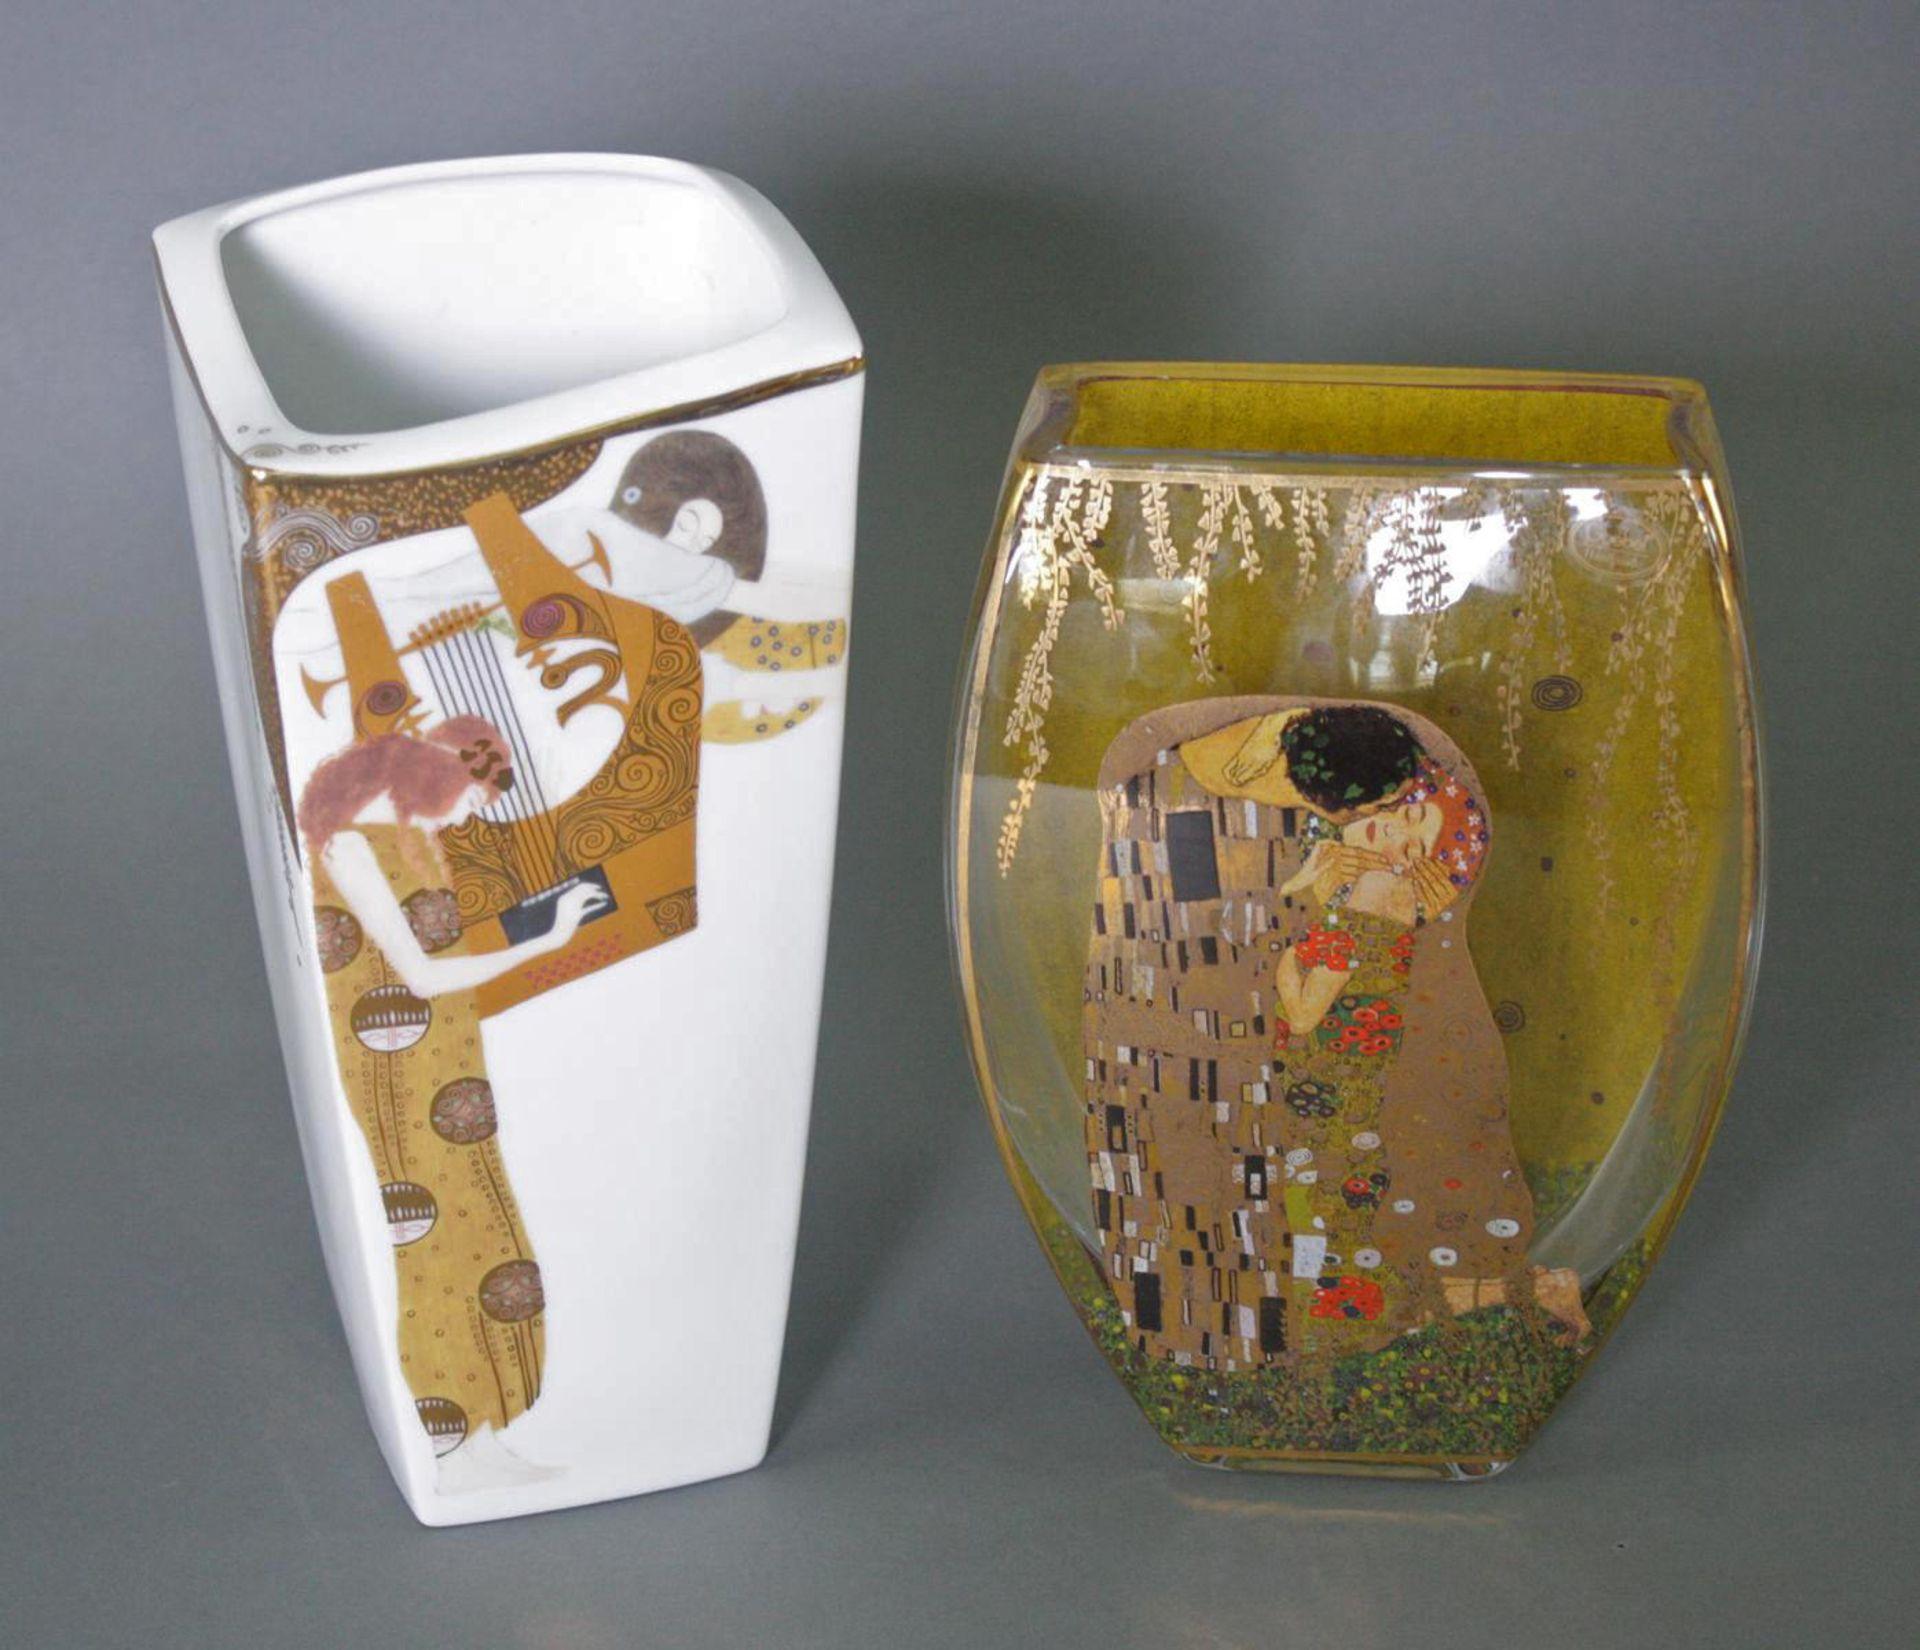 Zwei Goebel Artis Orbis Gustav Klimt Vasen. Porzellan und Glas